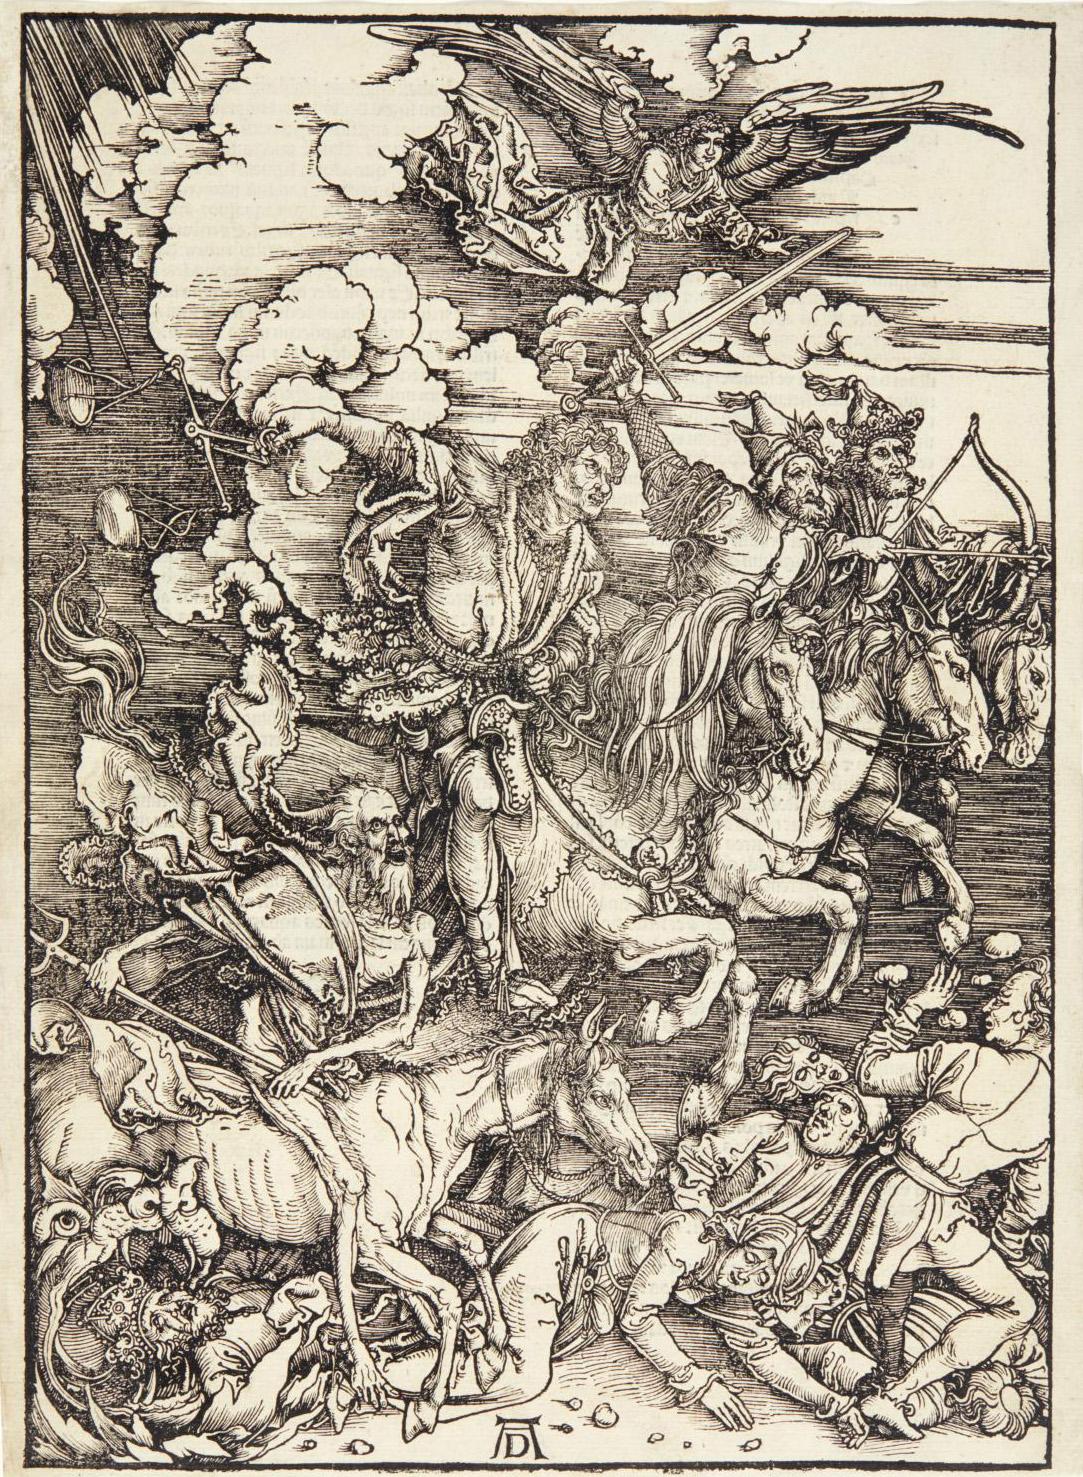 Albrecht Dürer (1471-1528), Saint Eustachius (also called Saint Hubert), 1501, engraving, margin fillet just after the composition, 35 x 2